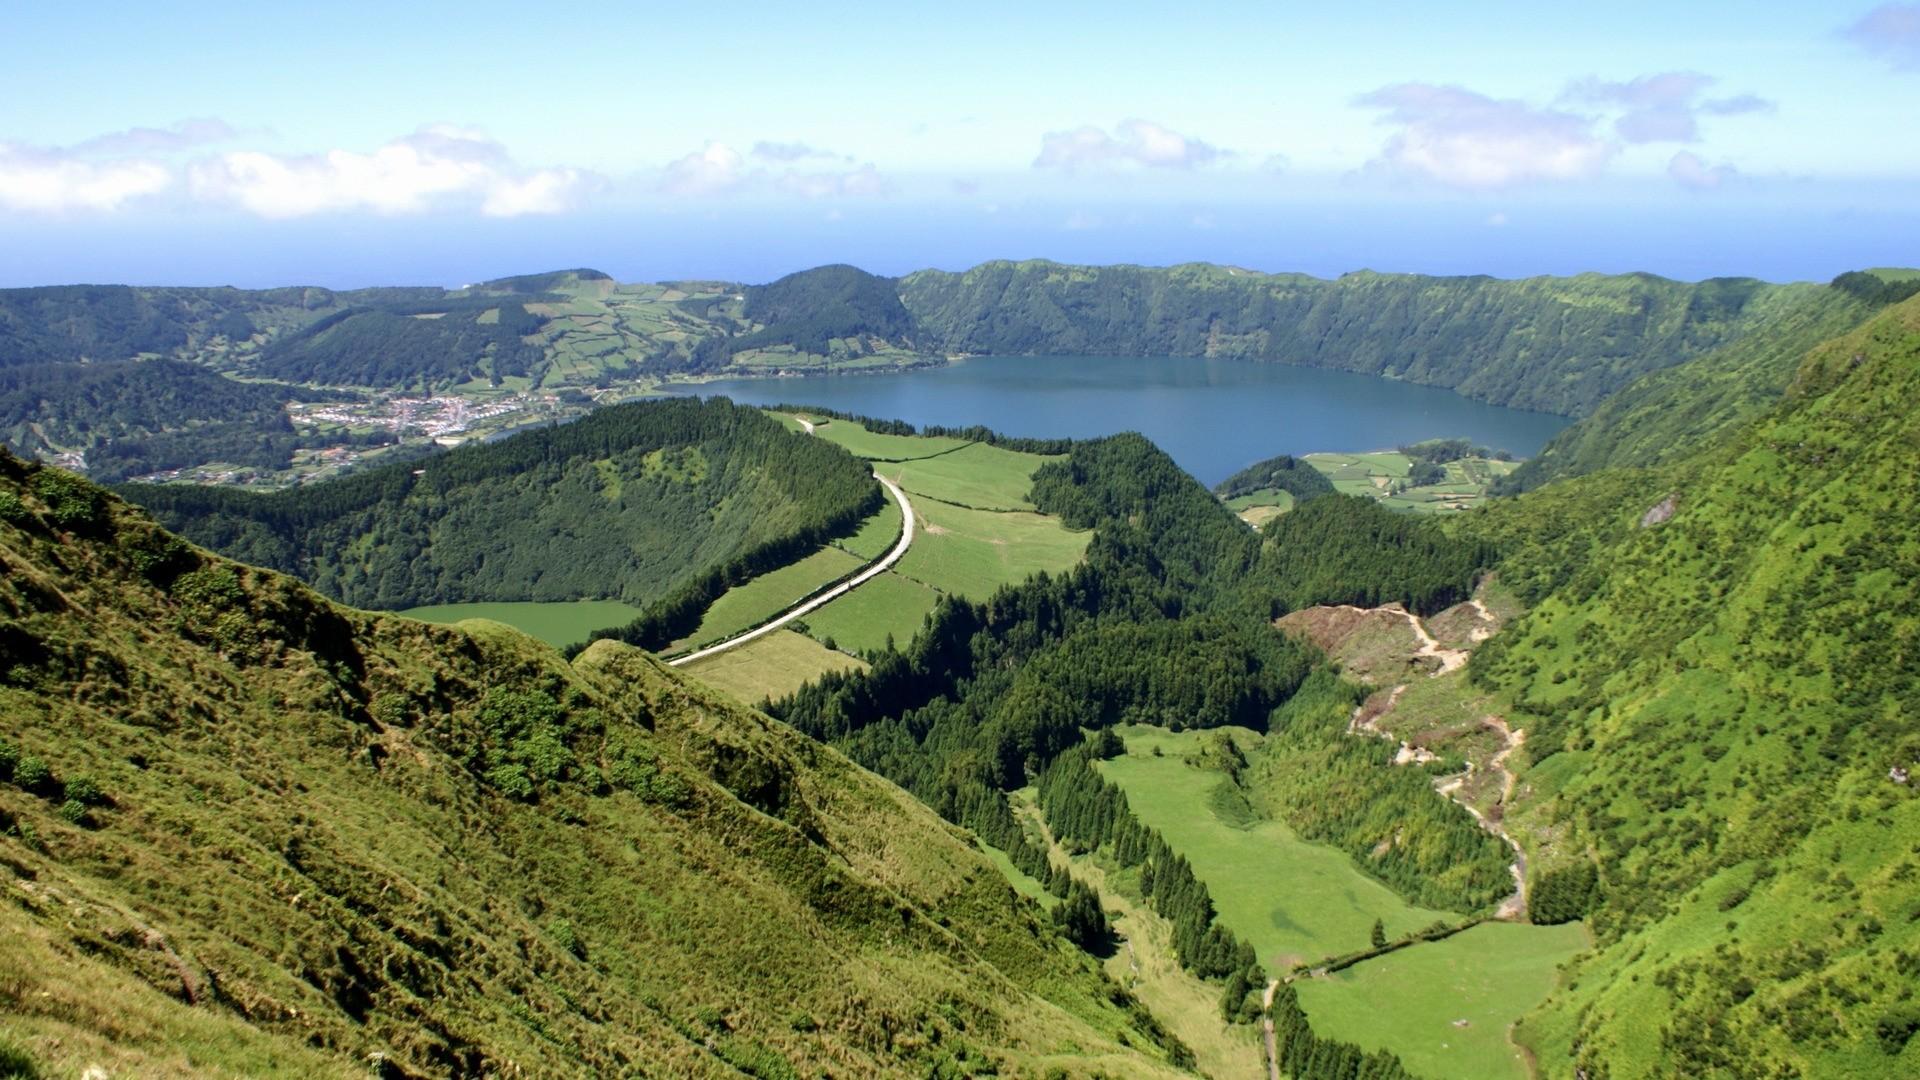 Azores Islands wallpaper photo hd